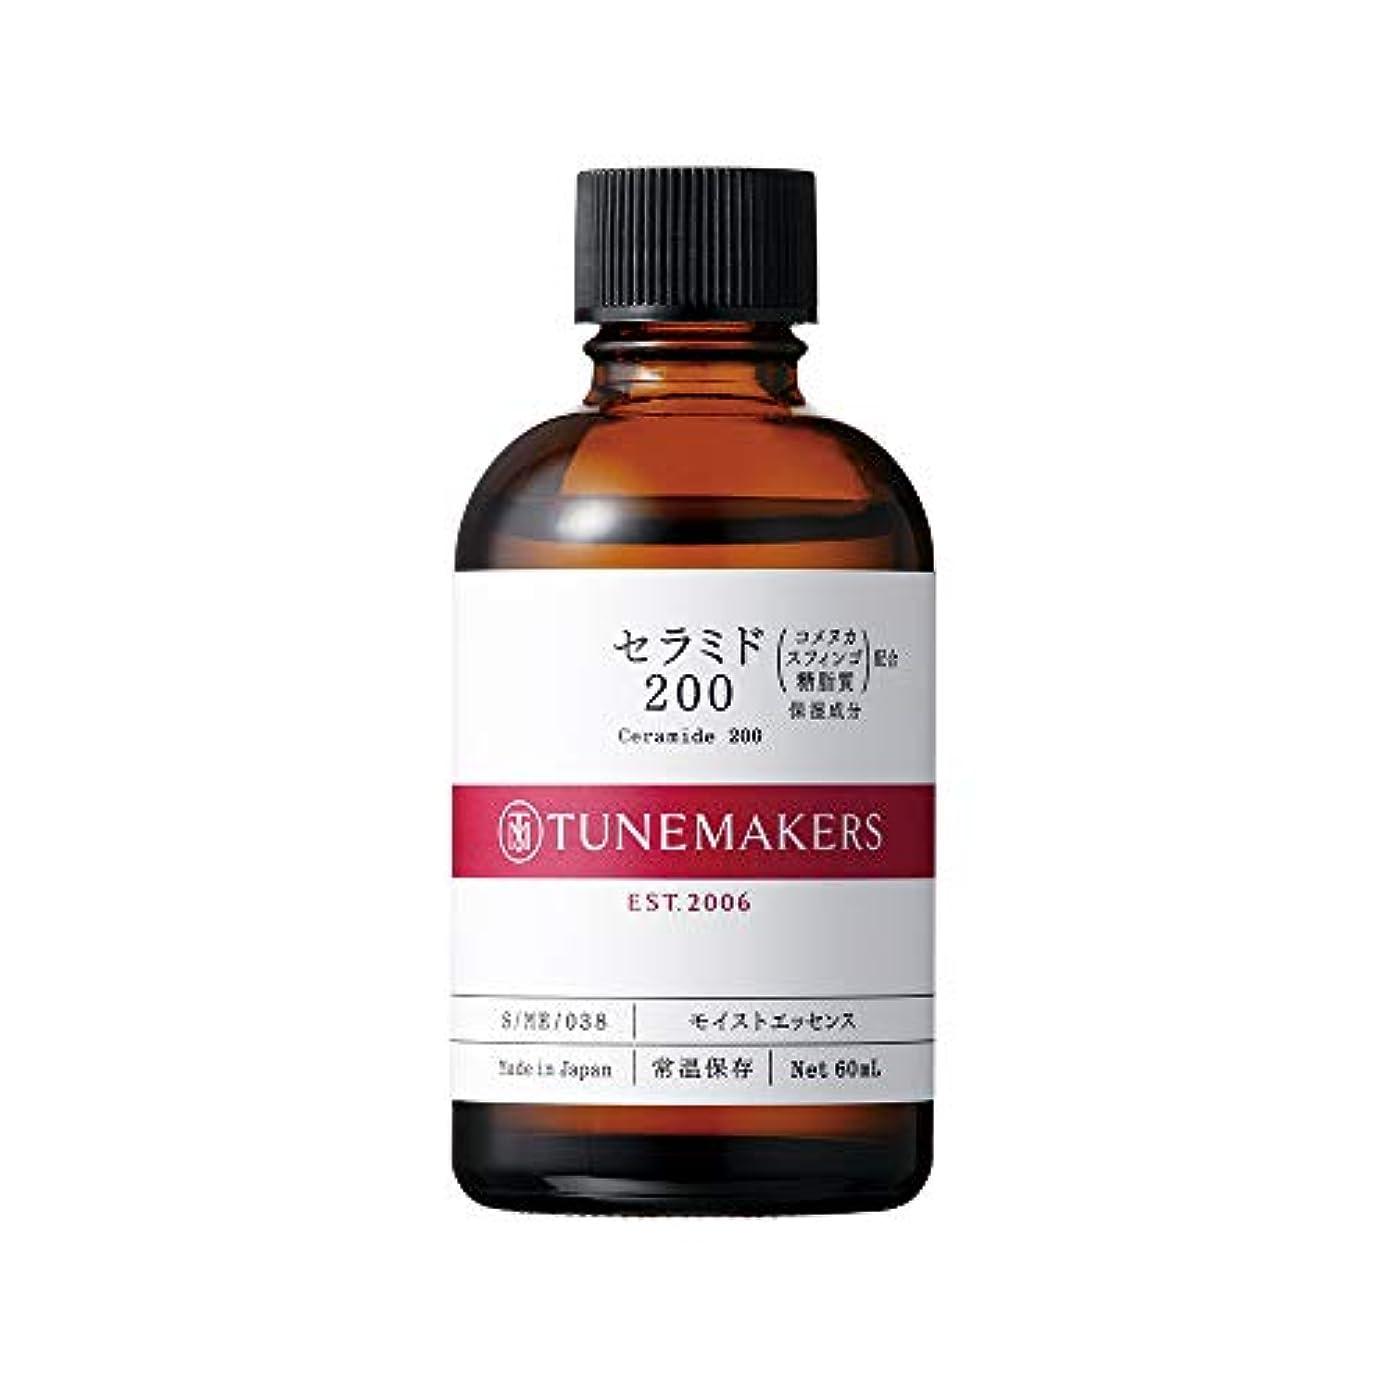 紳士ドーム実験室TUNEMAKERS(チューンメーカーズ) セラミド200 美容液 60ml